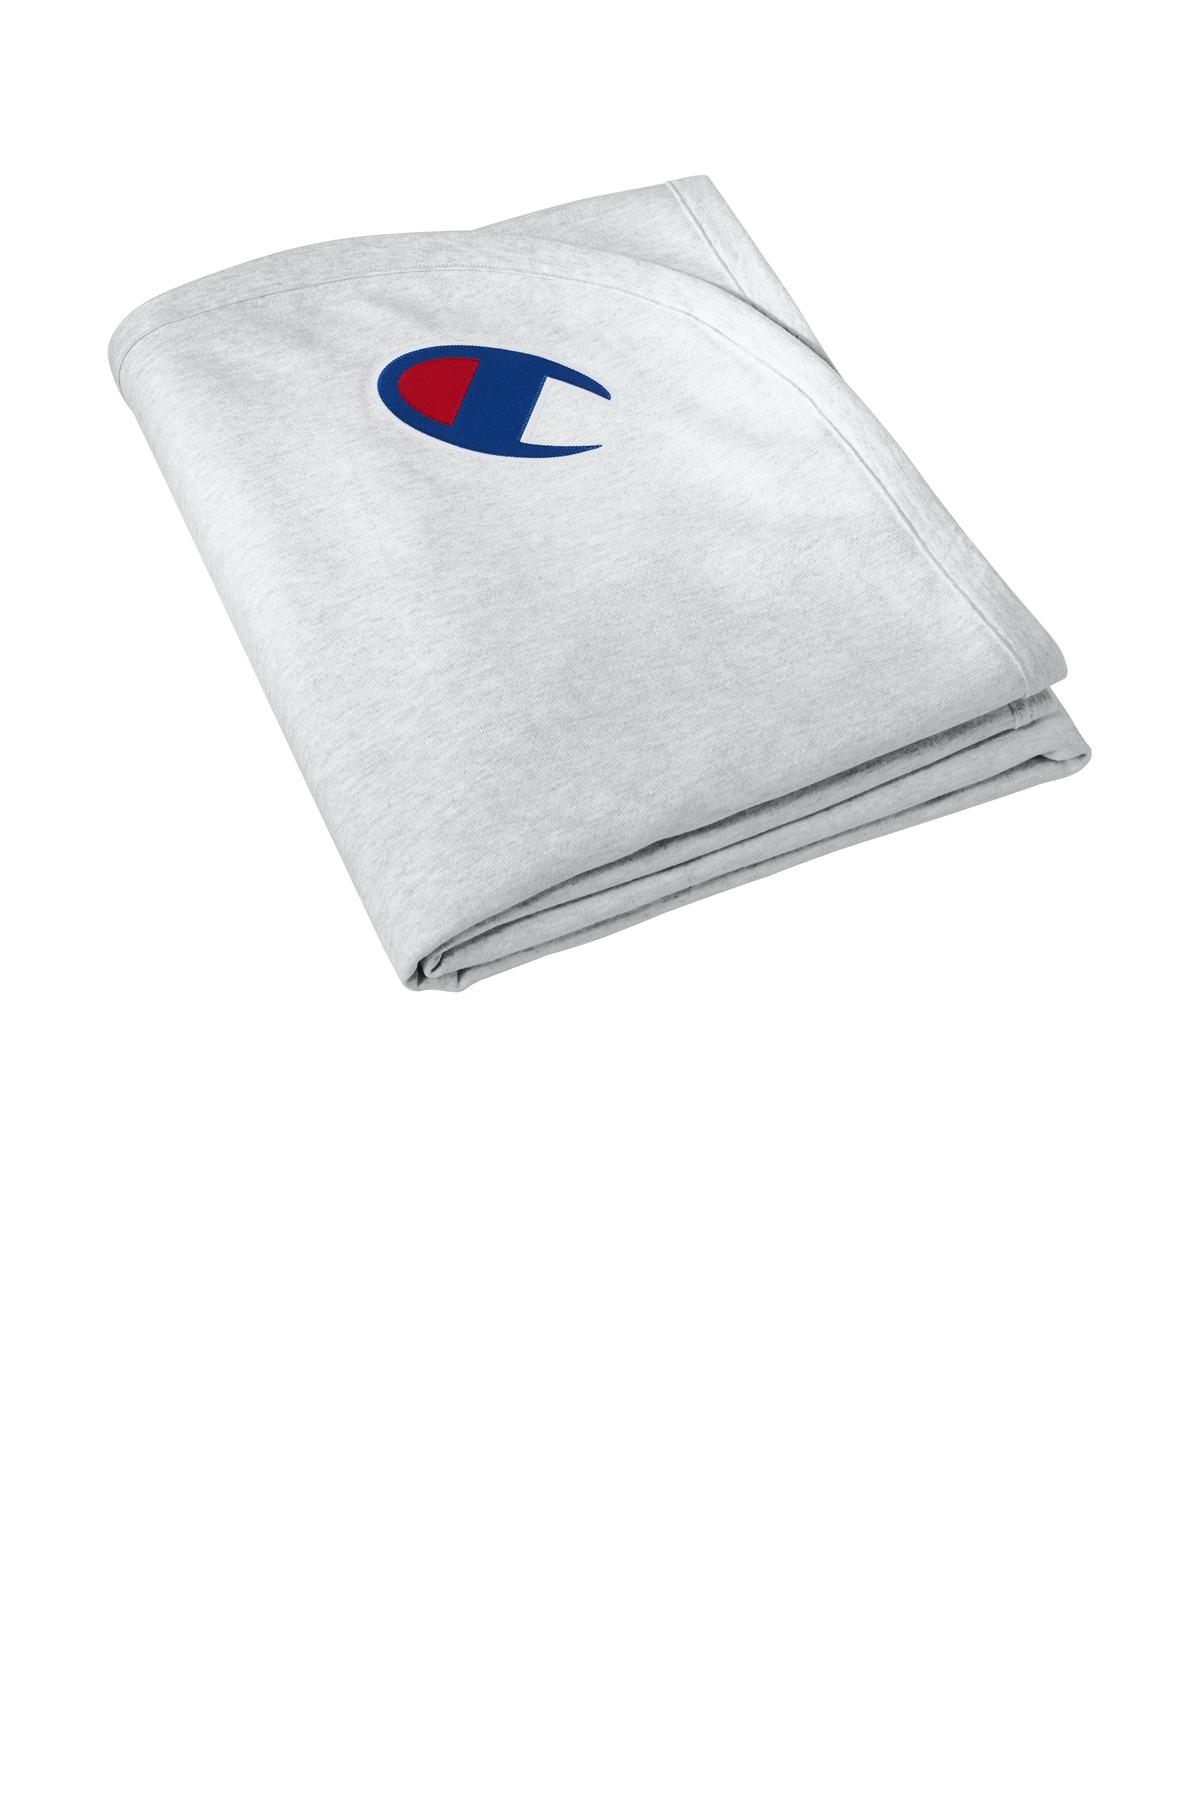 RW ash blanket fold